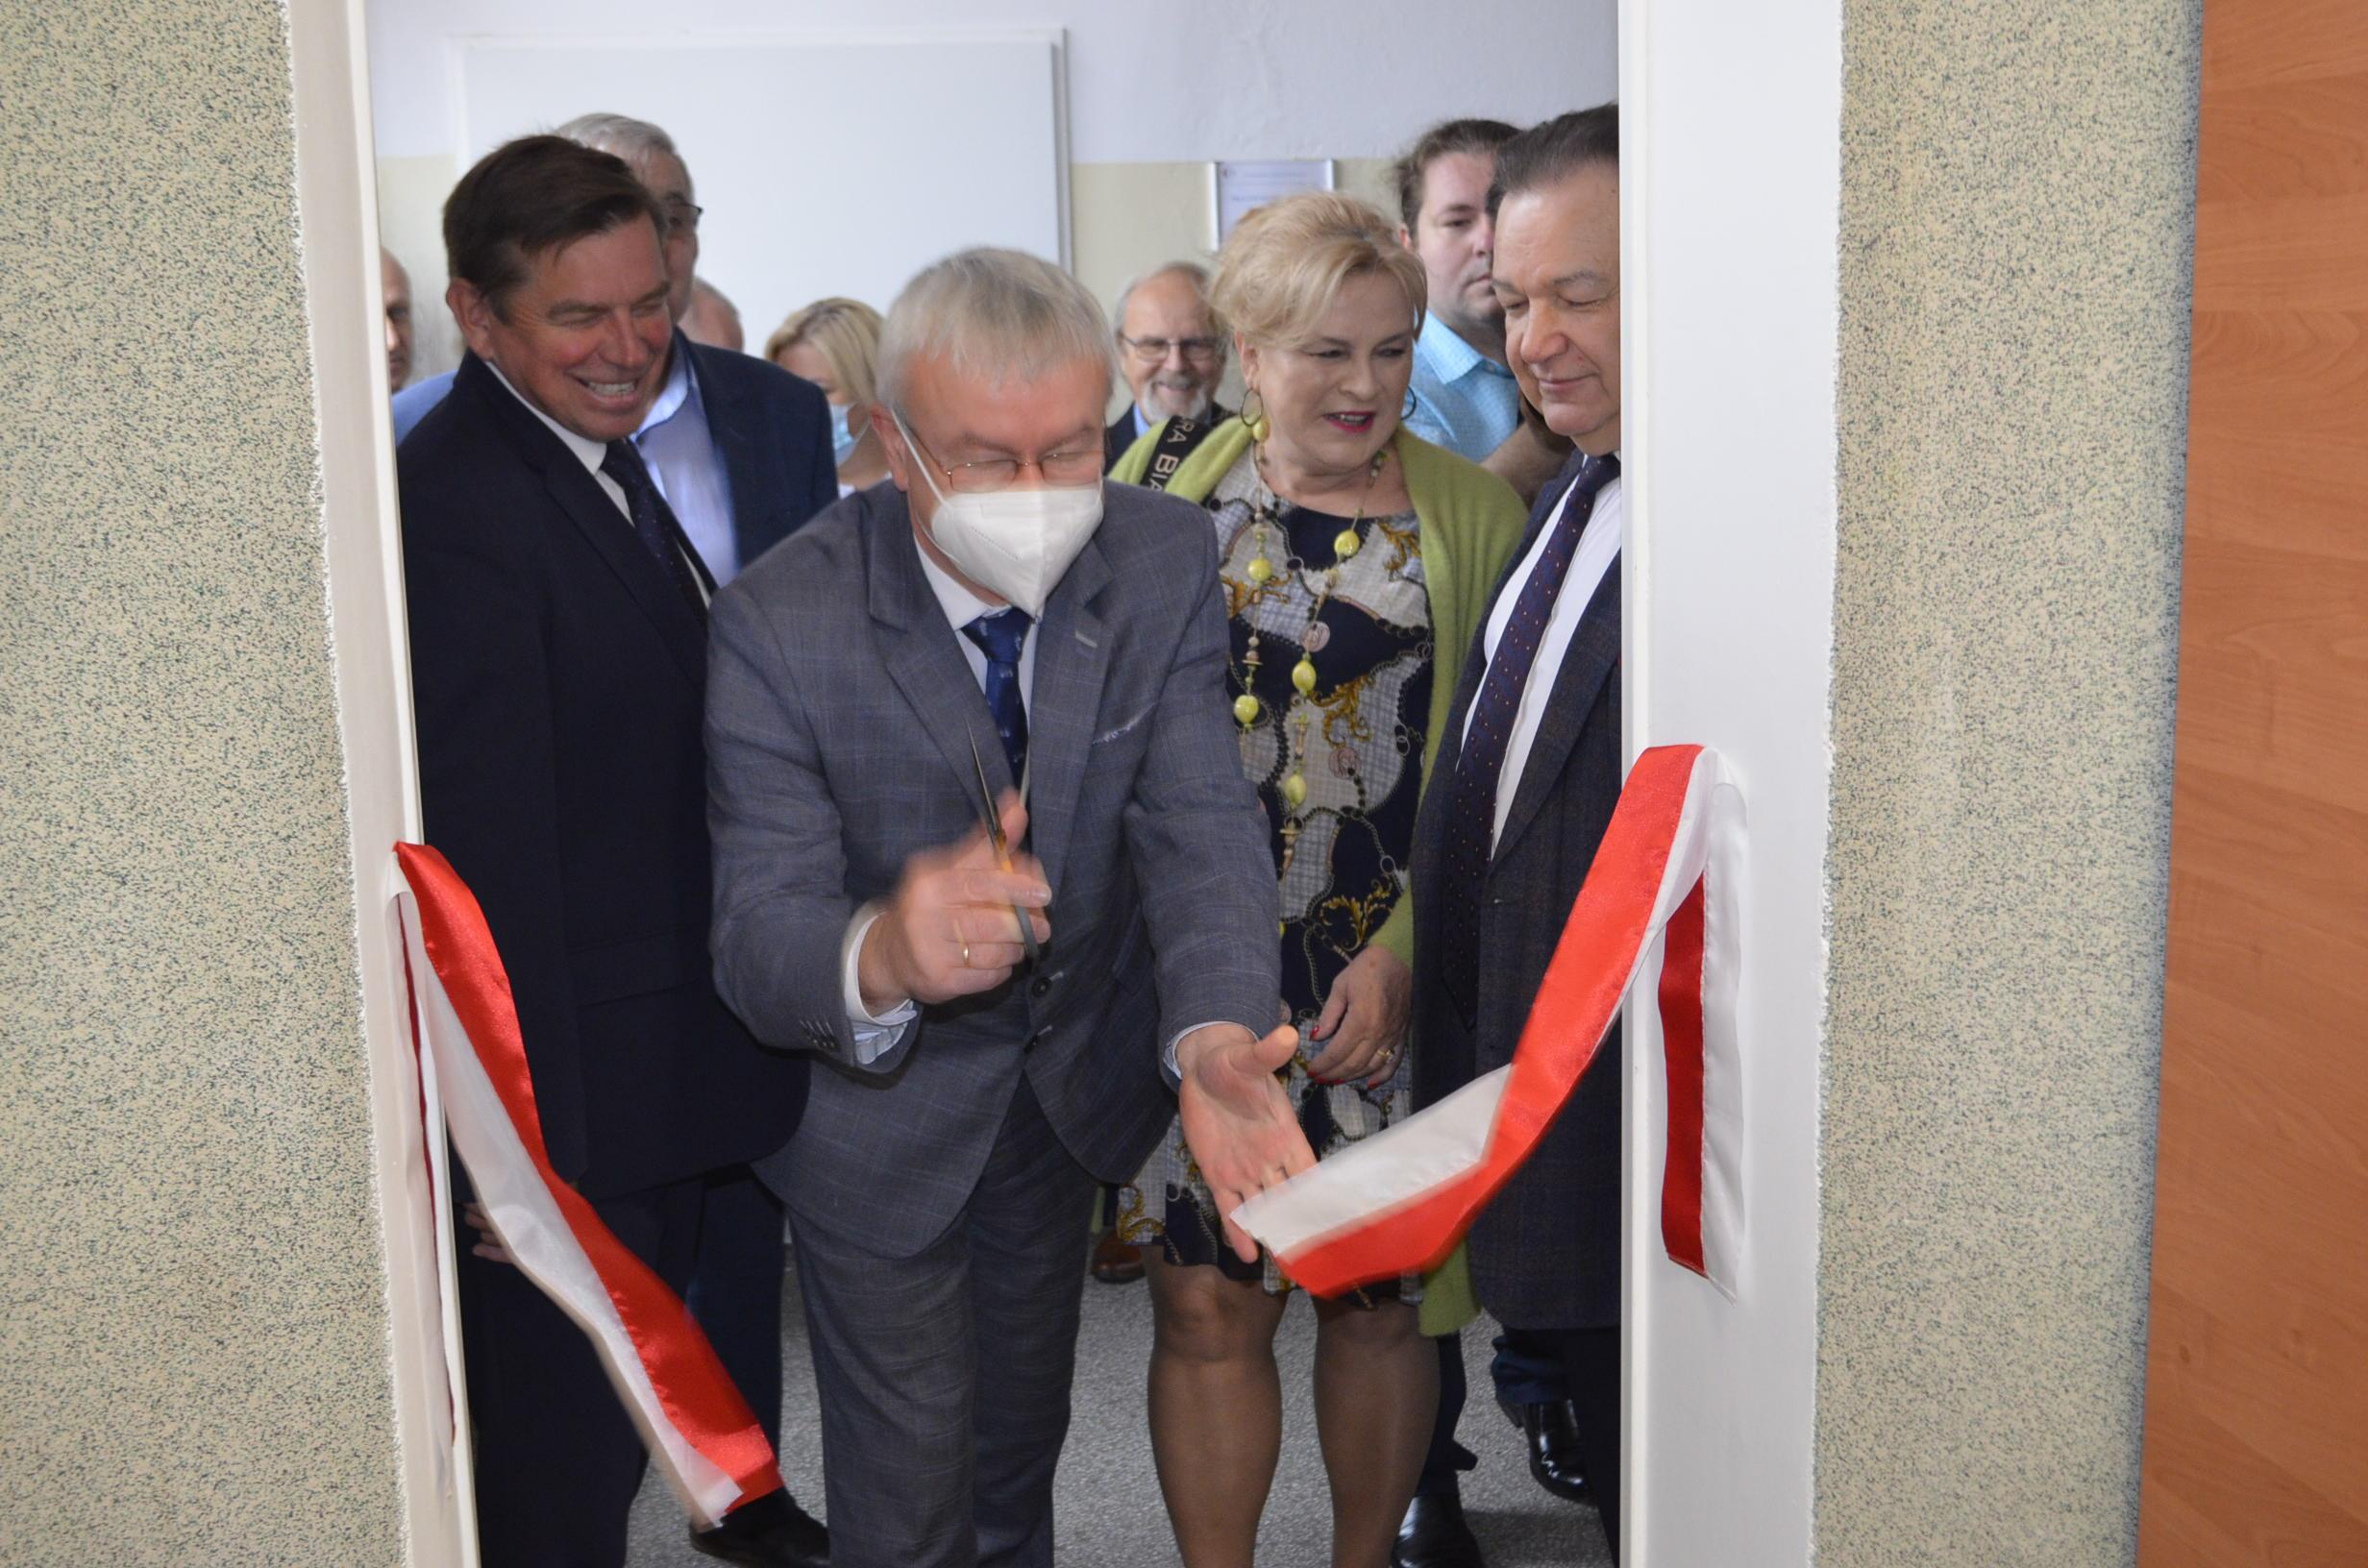 Zastępca Dyrektora WORD w Warszawie udostępnia do użytku salę Wychowania Komunikacyjnego.